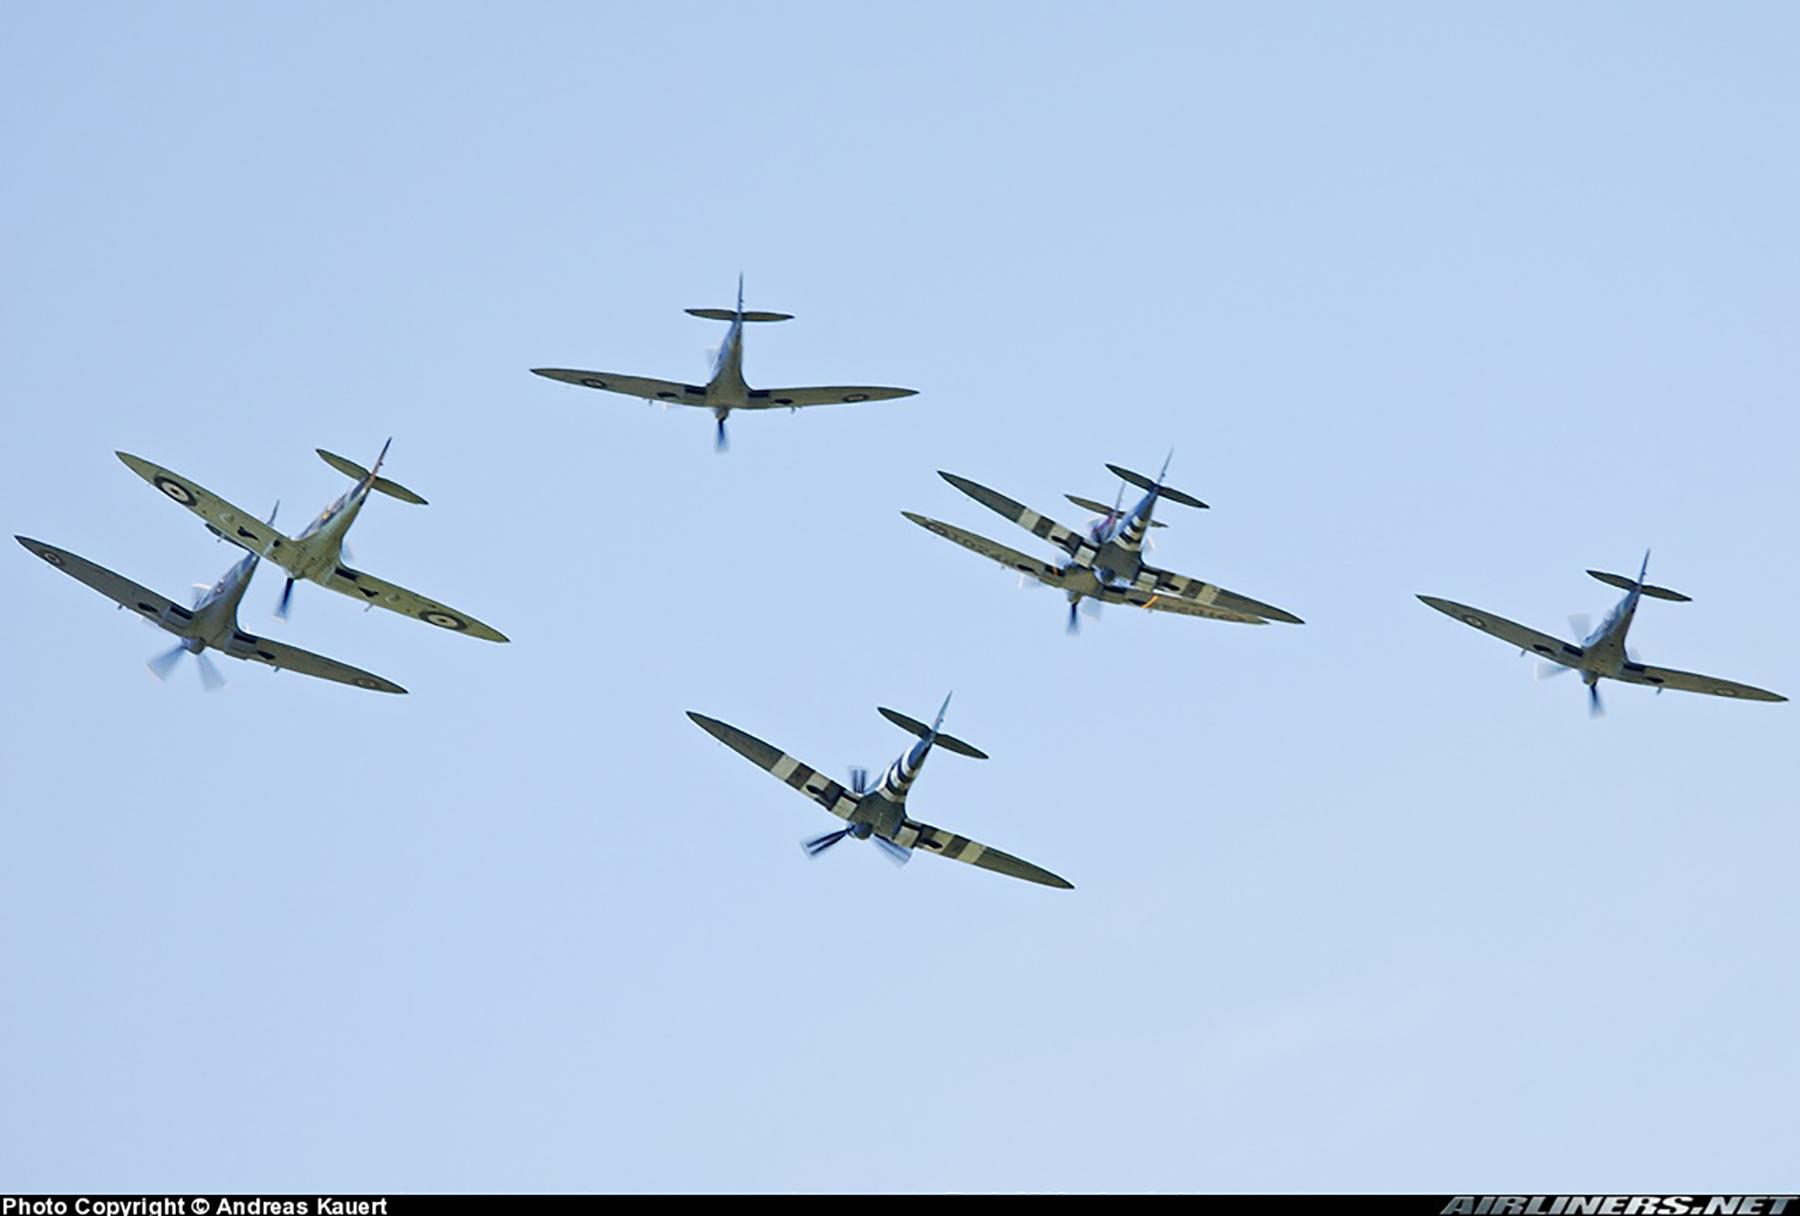 Airworthy Spitfire warbird PRXIX RAF PS890 F AZJS 10